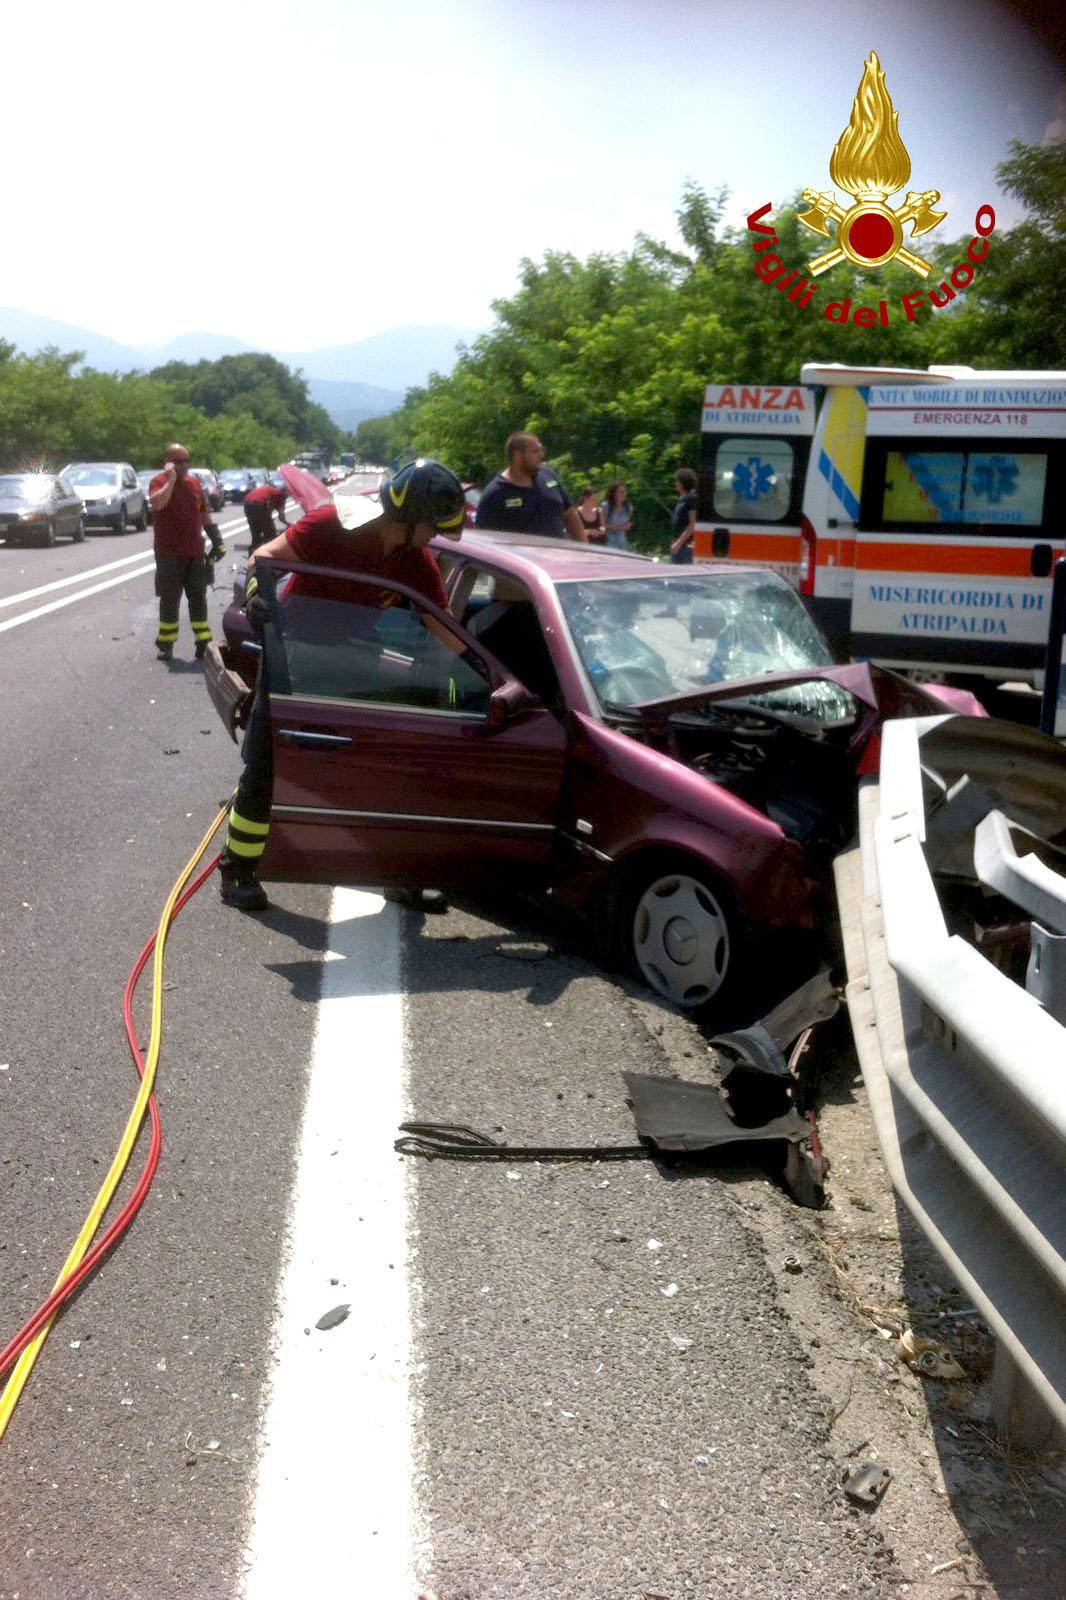 Tragico impatto a Manocalzati. Muore una 60enne.